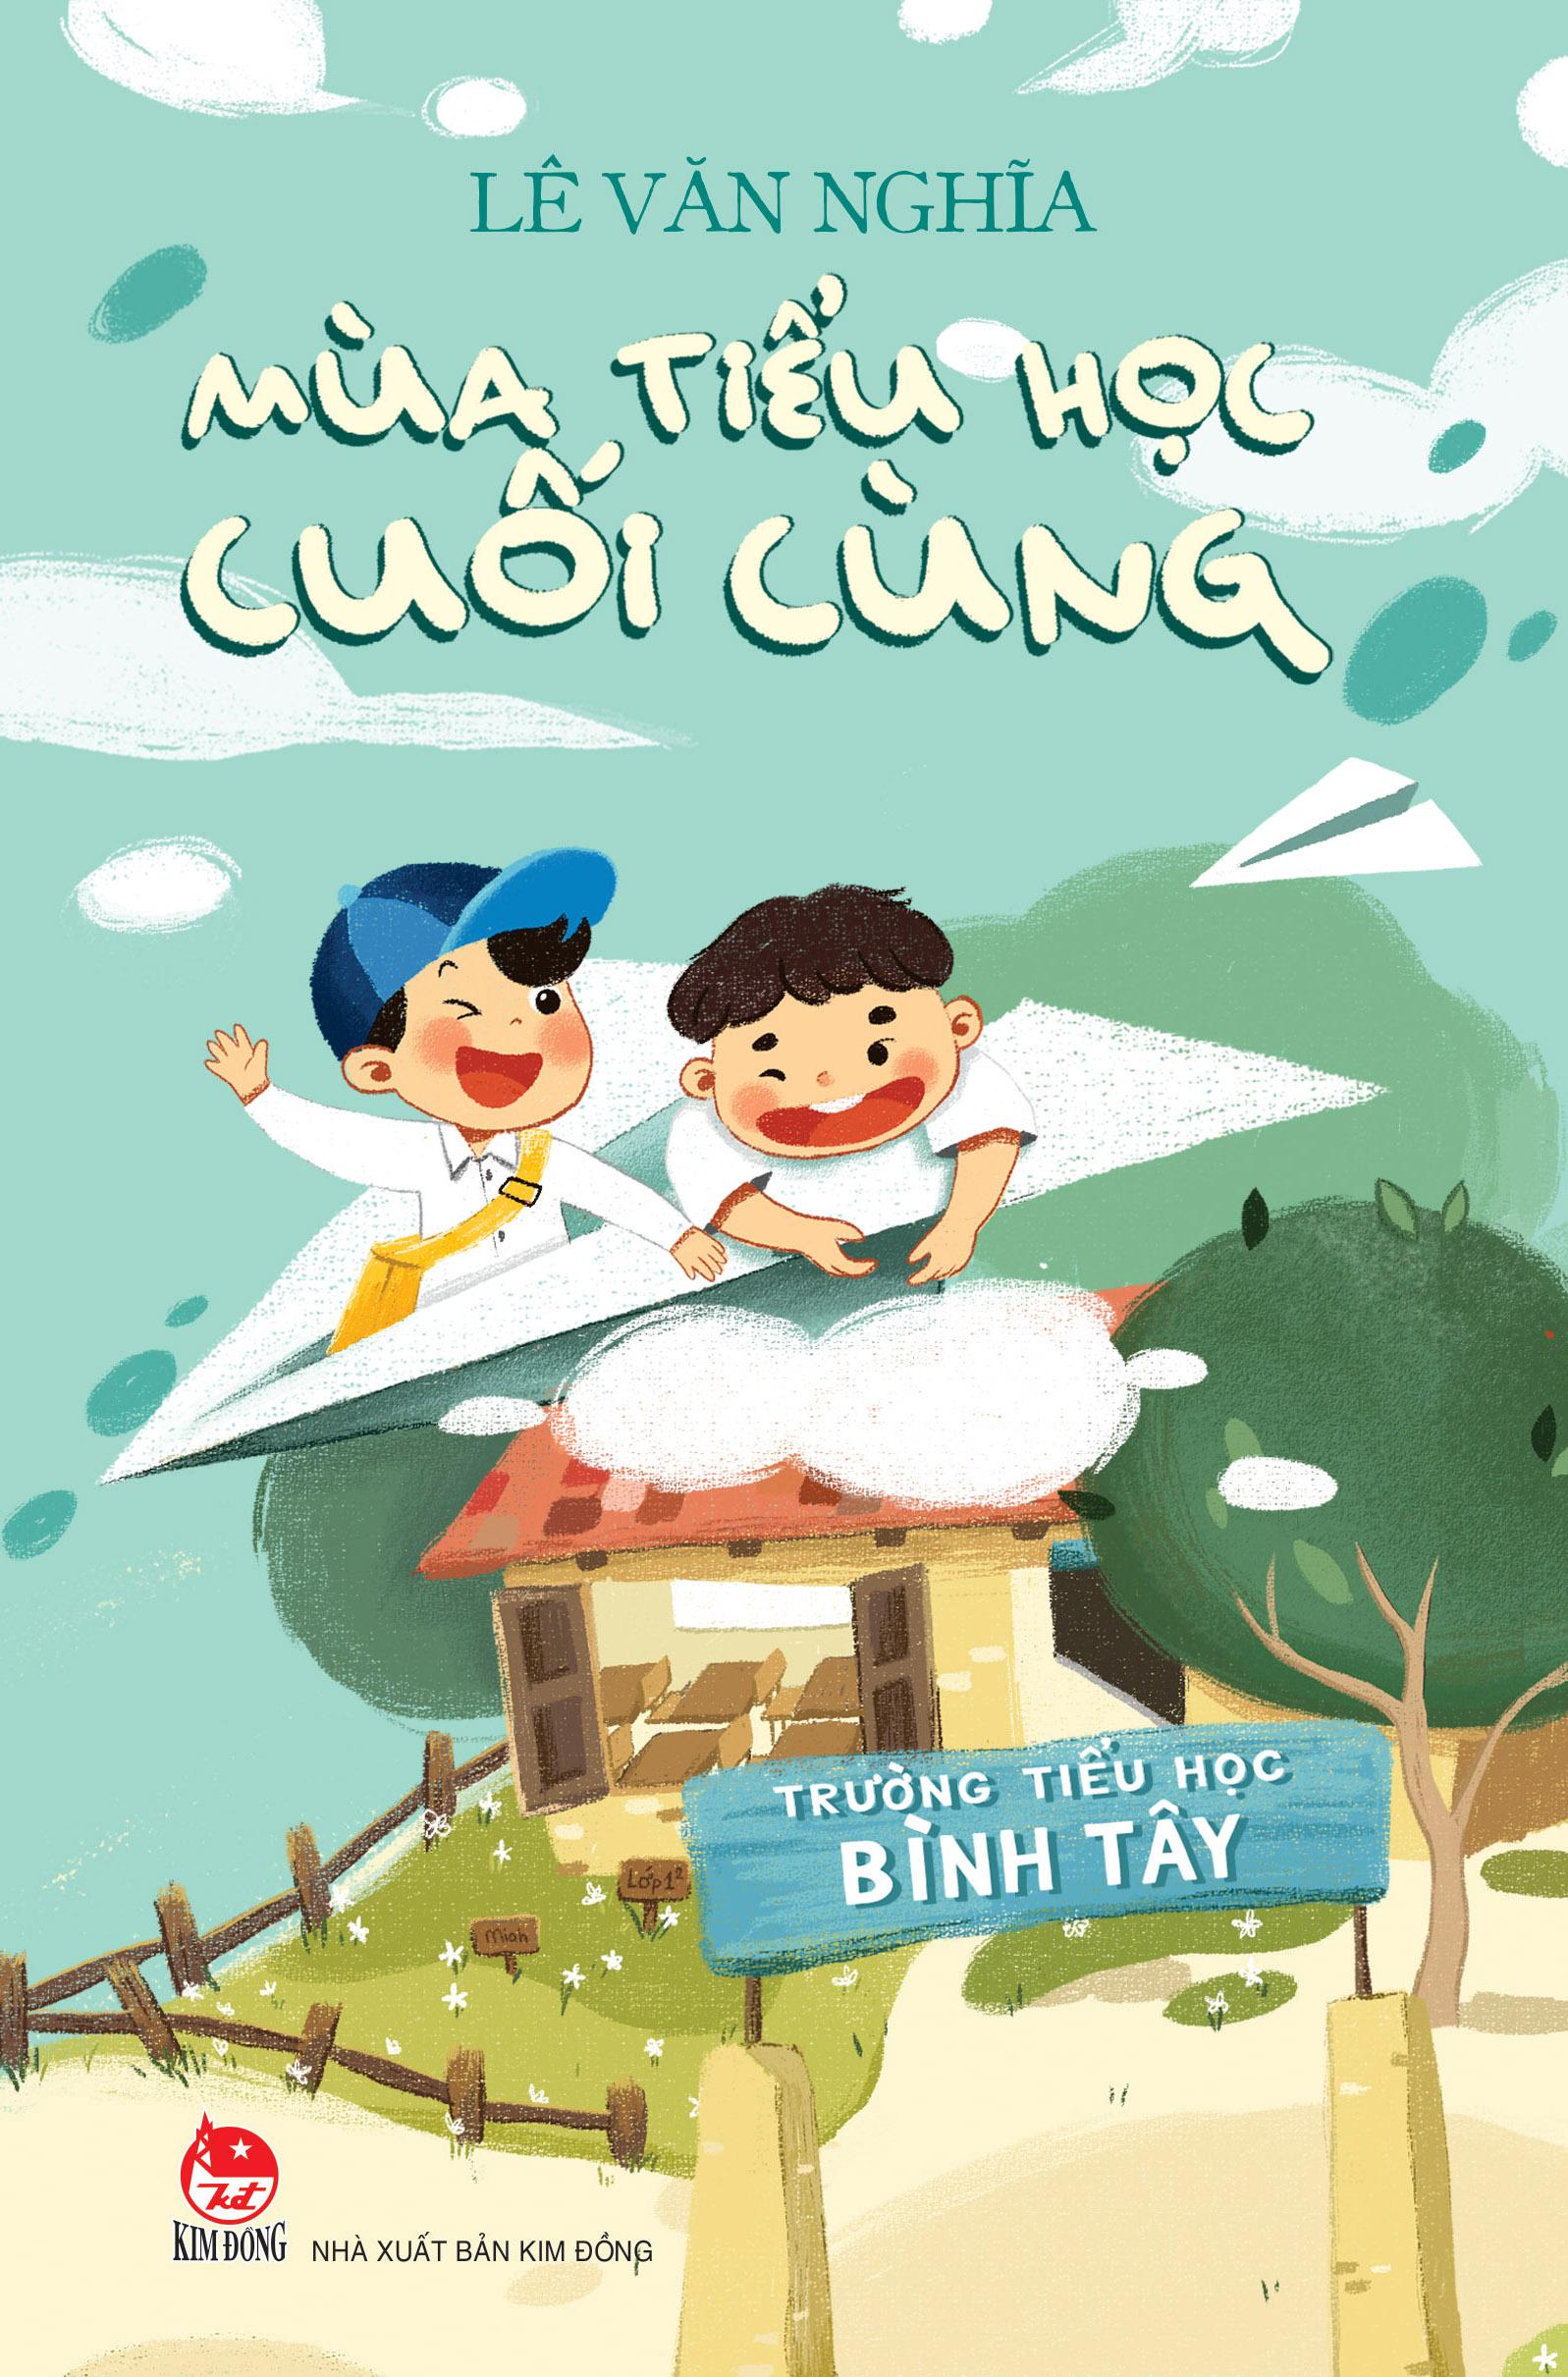 Cuốn Mùa tiểu học cuối cùng vừa được NXB Kim Đồng tái bản tháng trước